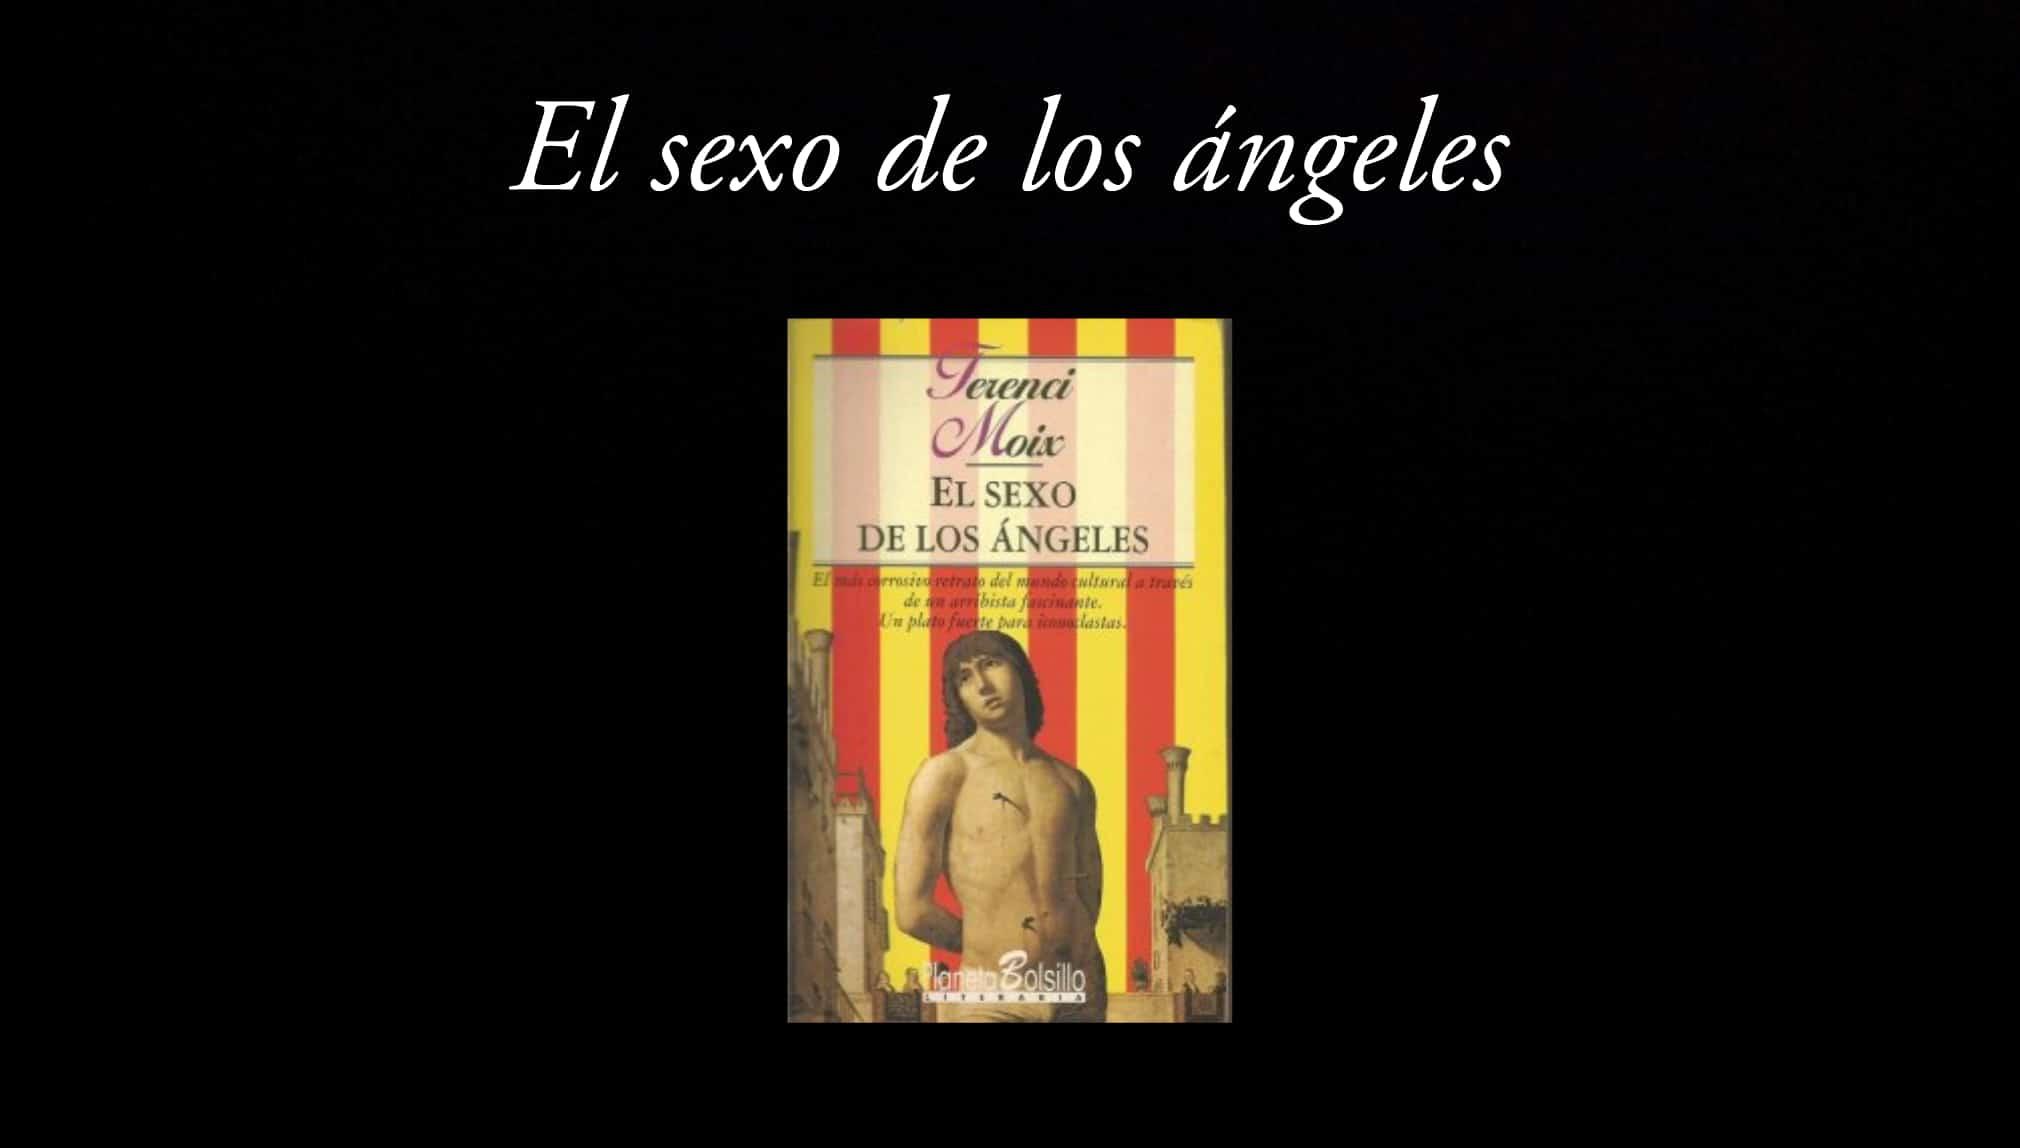 El sexo de los ángeles.